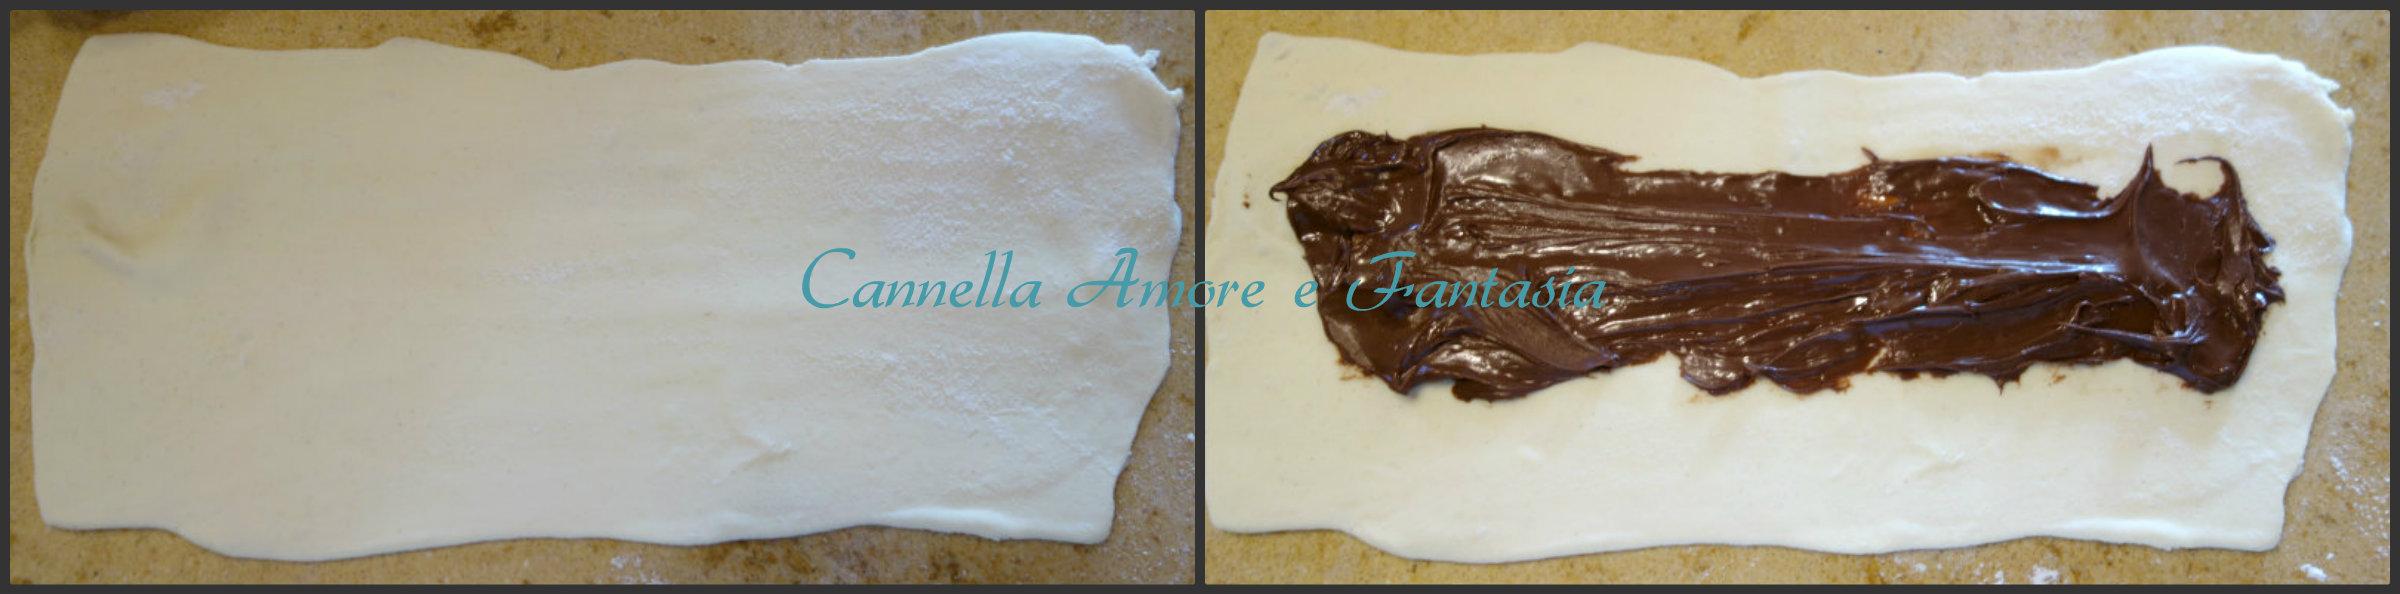 brioche di pasta sfoglia e nutella collage 1 finito